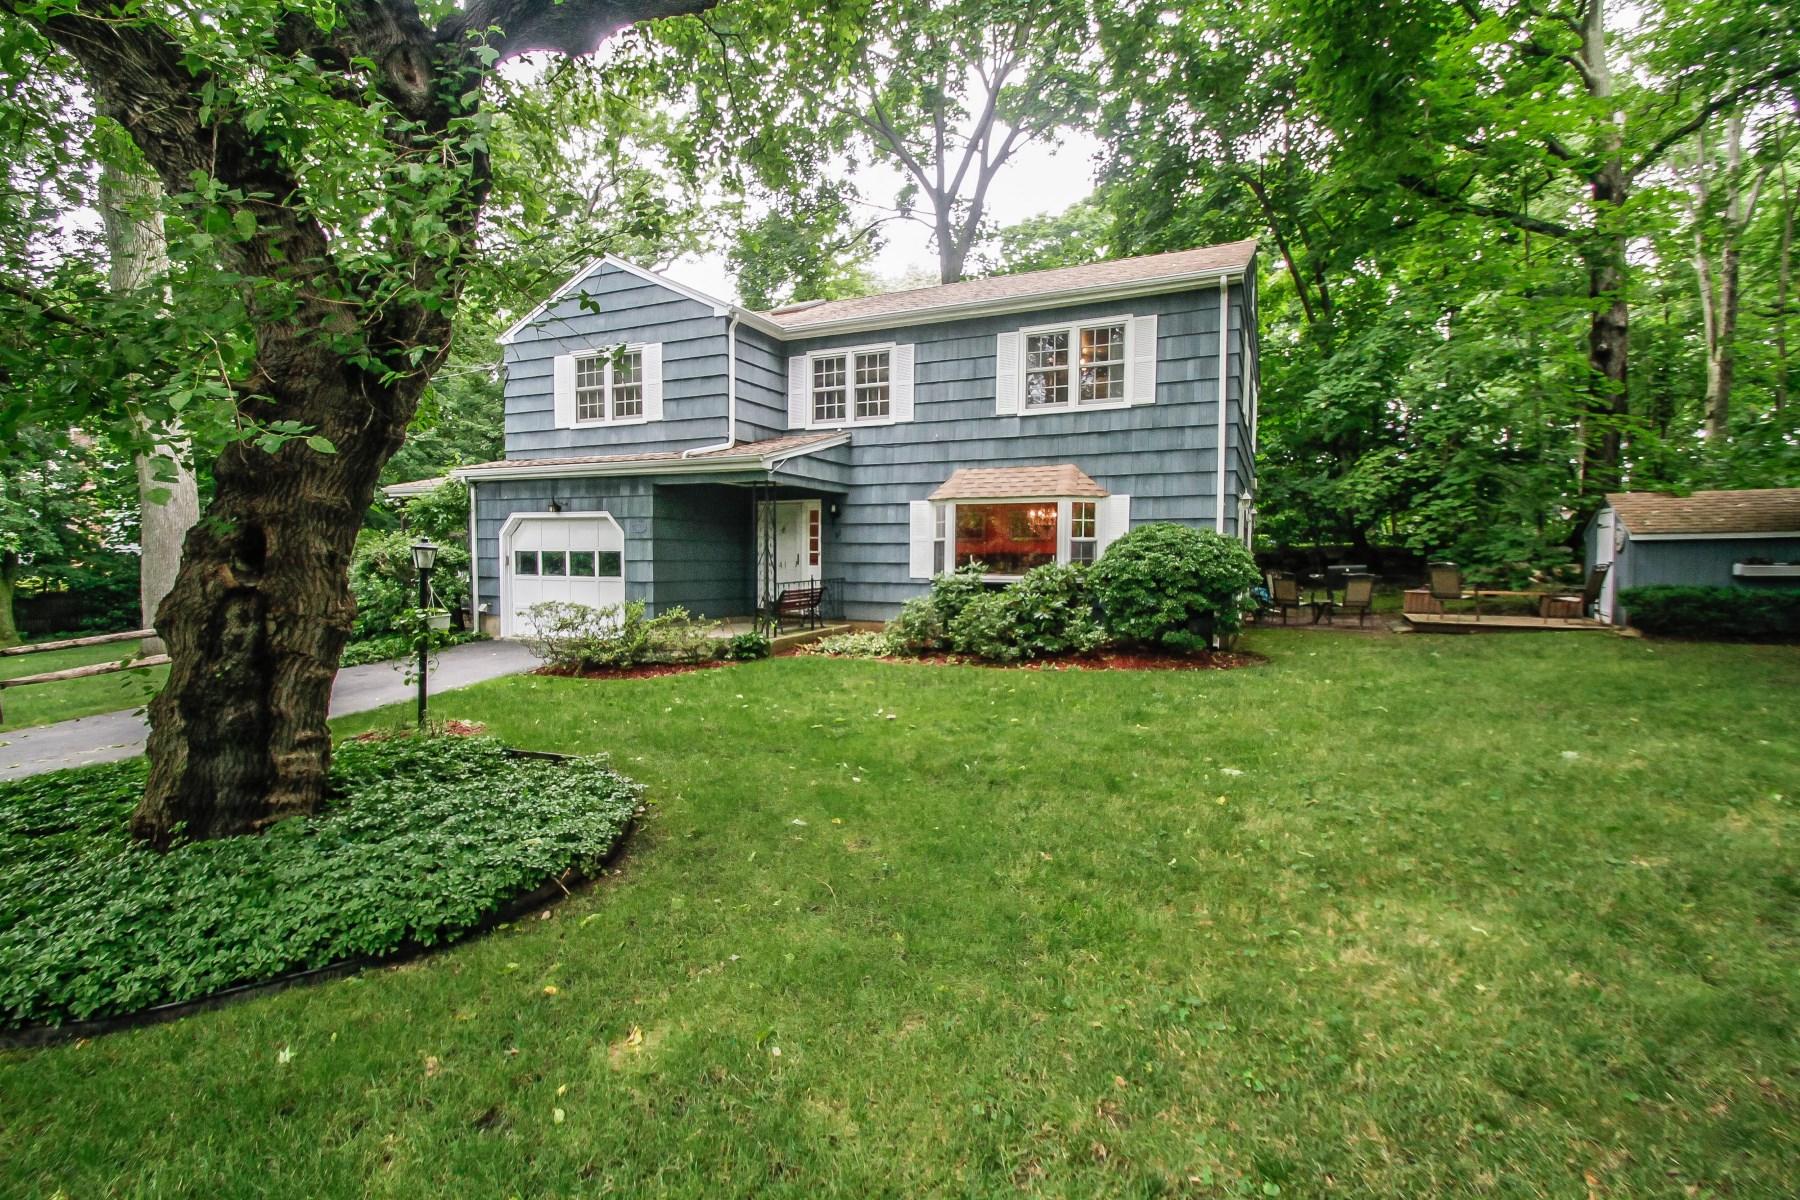 Maison unifamiliale pour l Vente à Riverside Gem 41 Leonard Avenue Riverside, Connecticut 06878 États-Unis